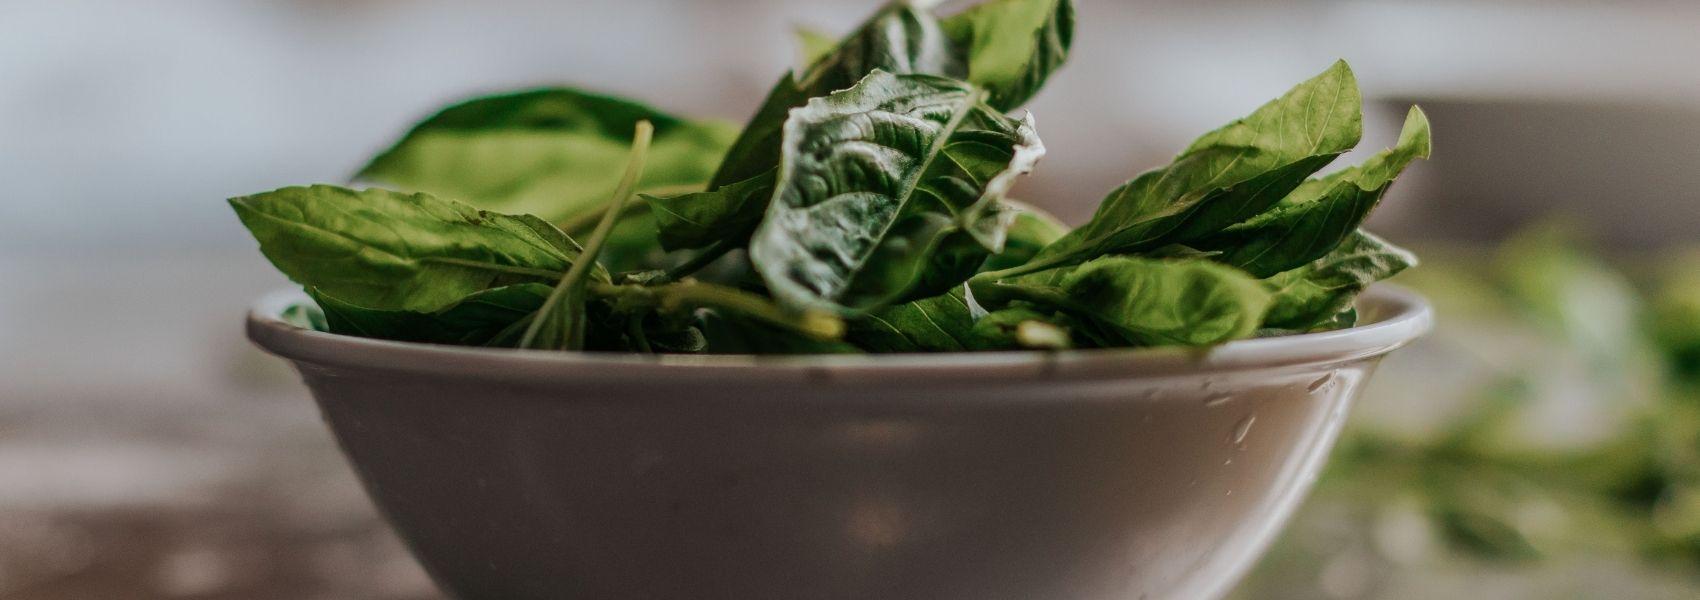 Vegetais de folhas verdes, inimigos das doenças cardíacas